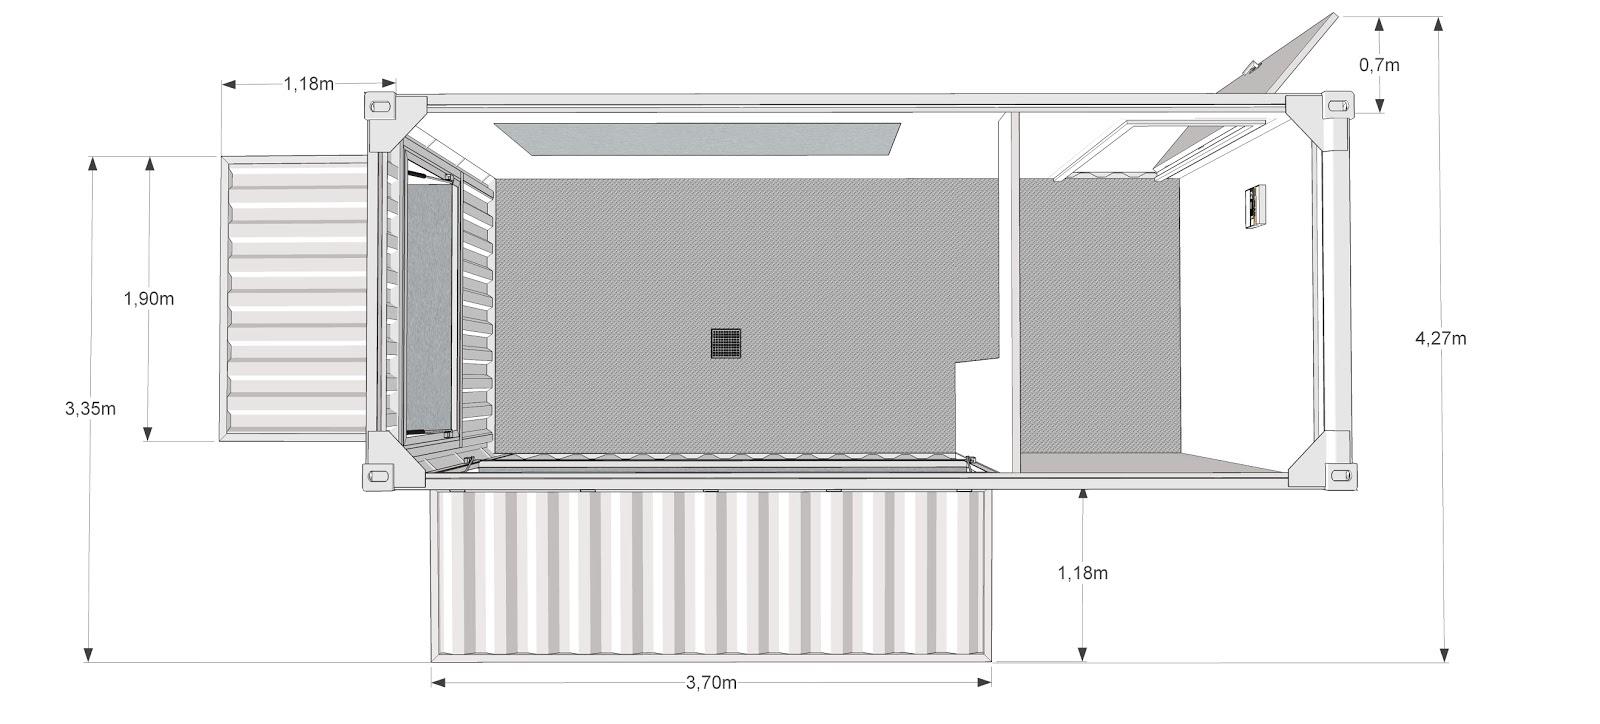 container am nag restaurant snack. Black Bedroom Furniture Sets. Home Design Ideas